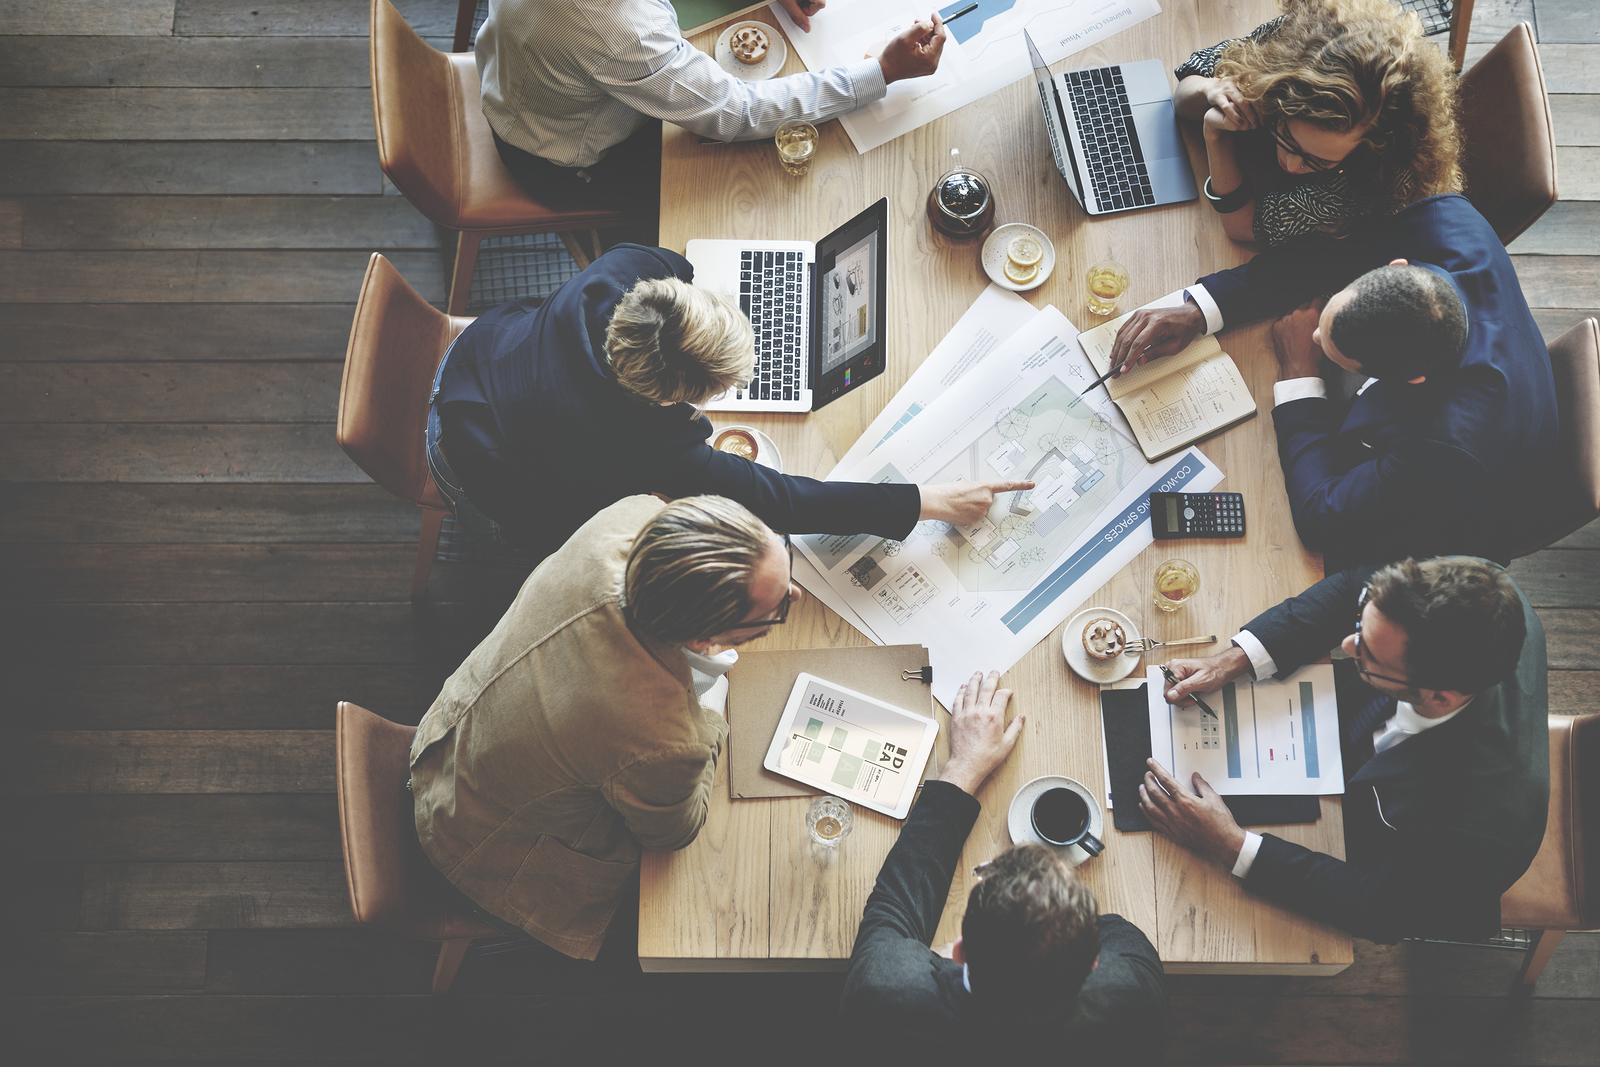 bigstock-Business-People-Meeting-Confer-132402962.jpg